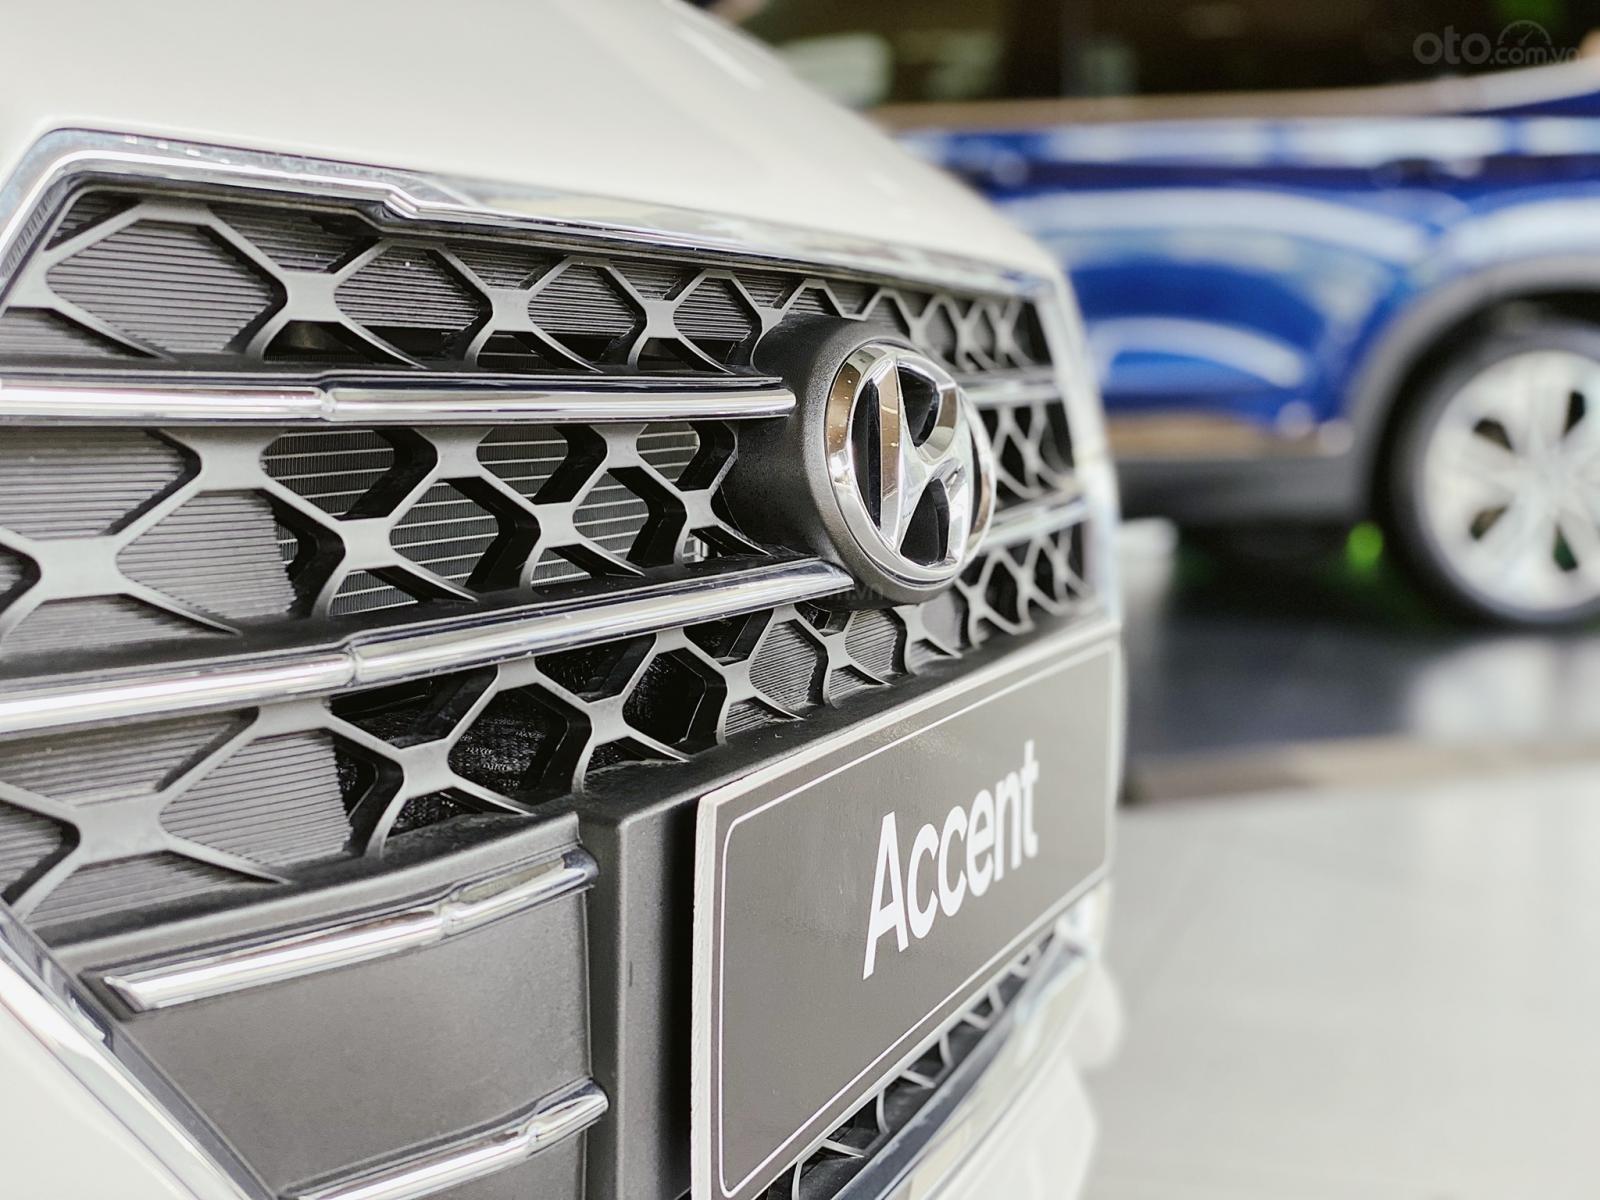 Hyundai Accent 1.4 AT đặc biệt, ưu đãi lớn (9)